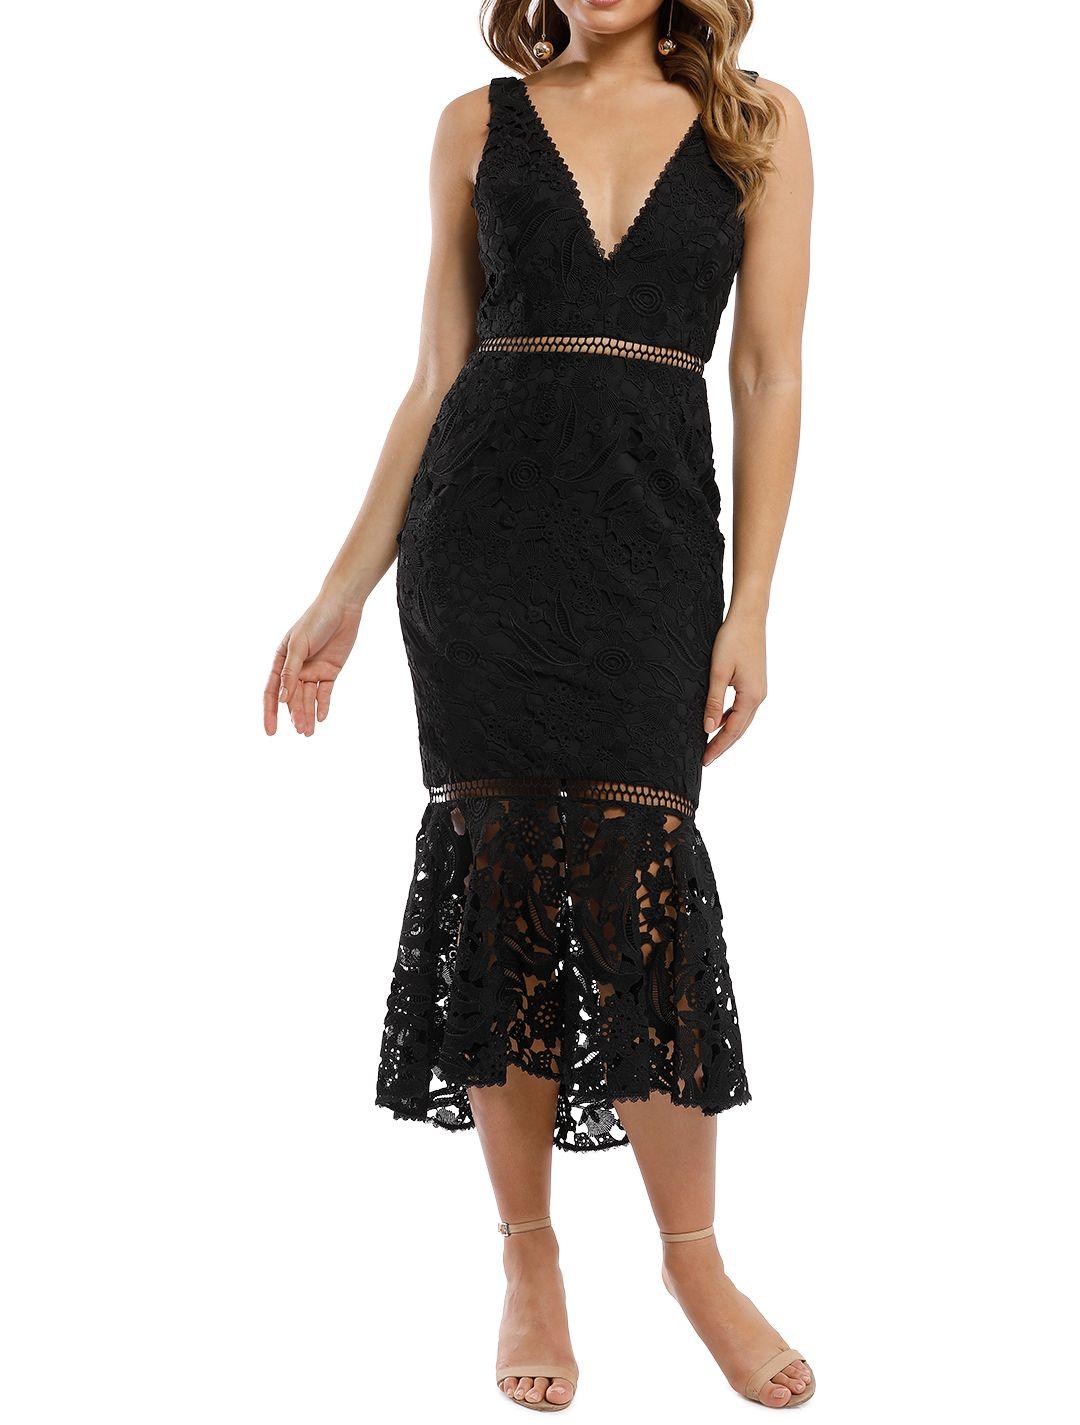 Nicholas the Label - Azalia Lace Plunge Dress - Black - Front